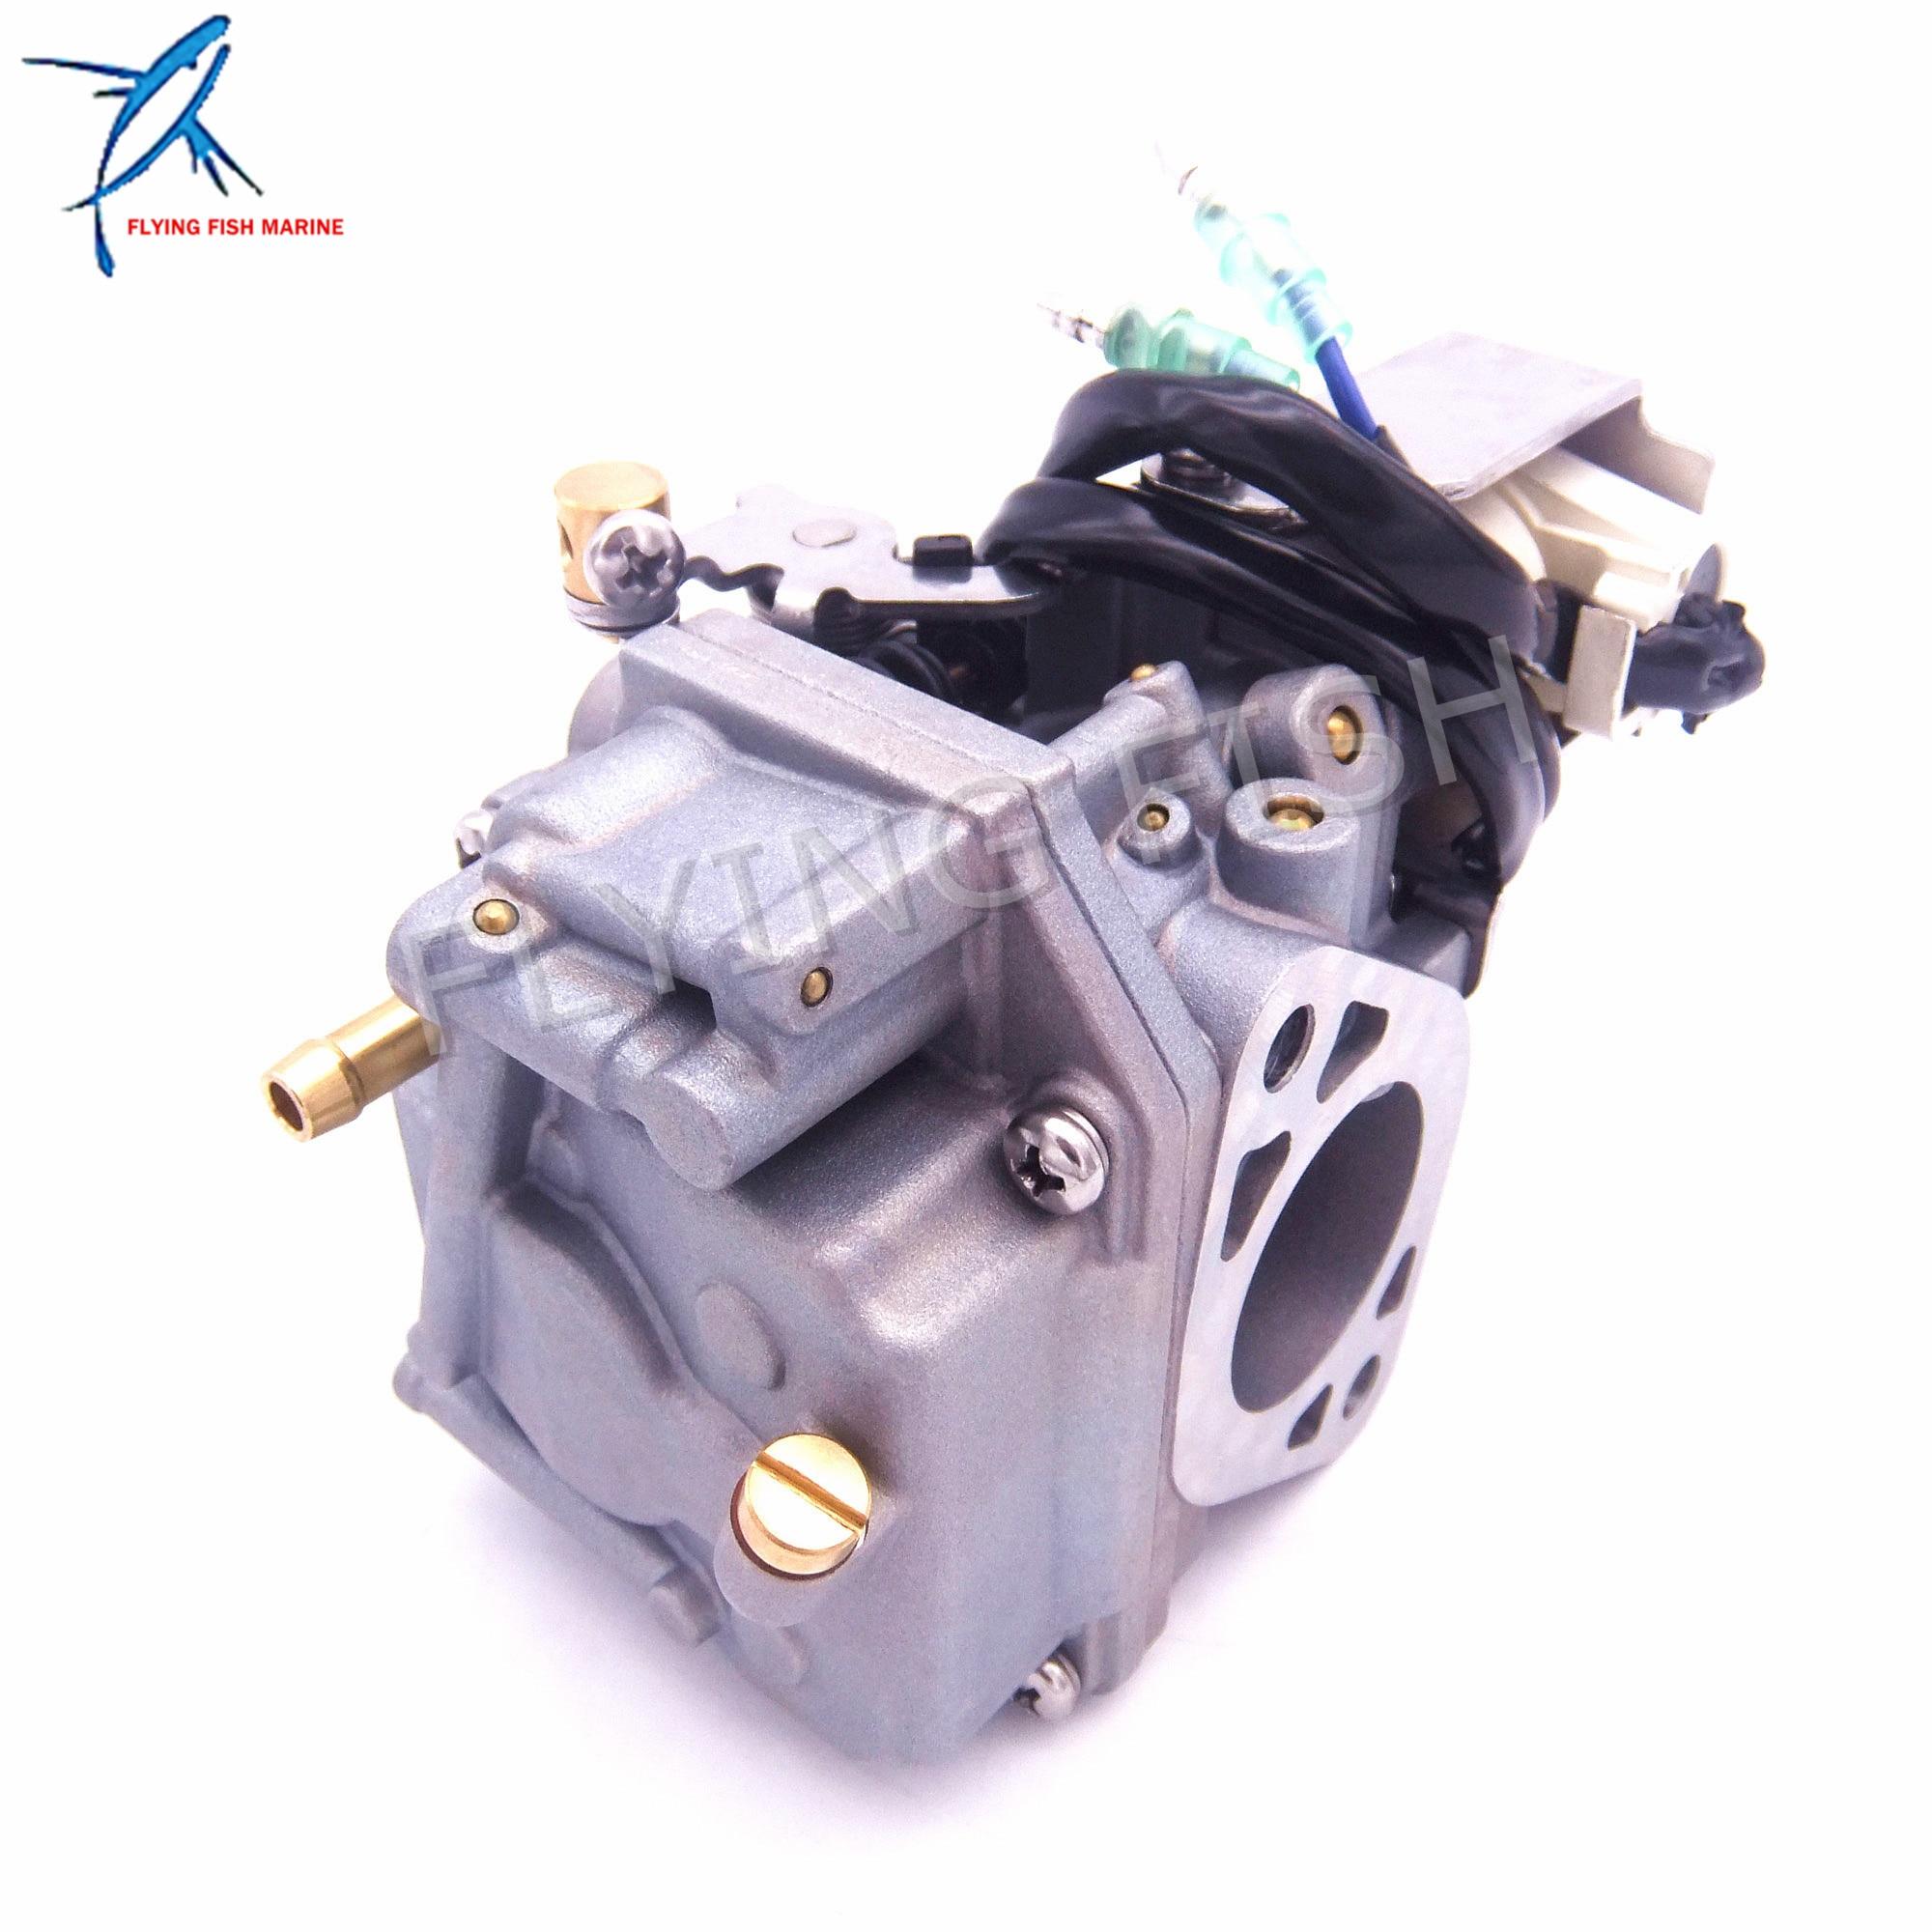 船外機エンジンキャブレター Assy 6AH 14301 00 6AH 14301 01 ヤマハ 4 ストローク F20 ボートモーター送料無料  グループ上の 自動車 &バイク からの ボートエンジン の中 1